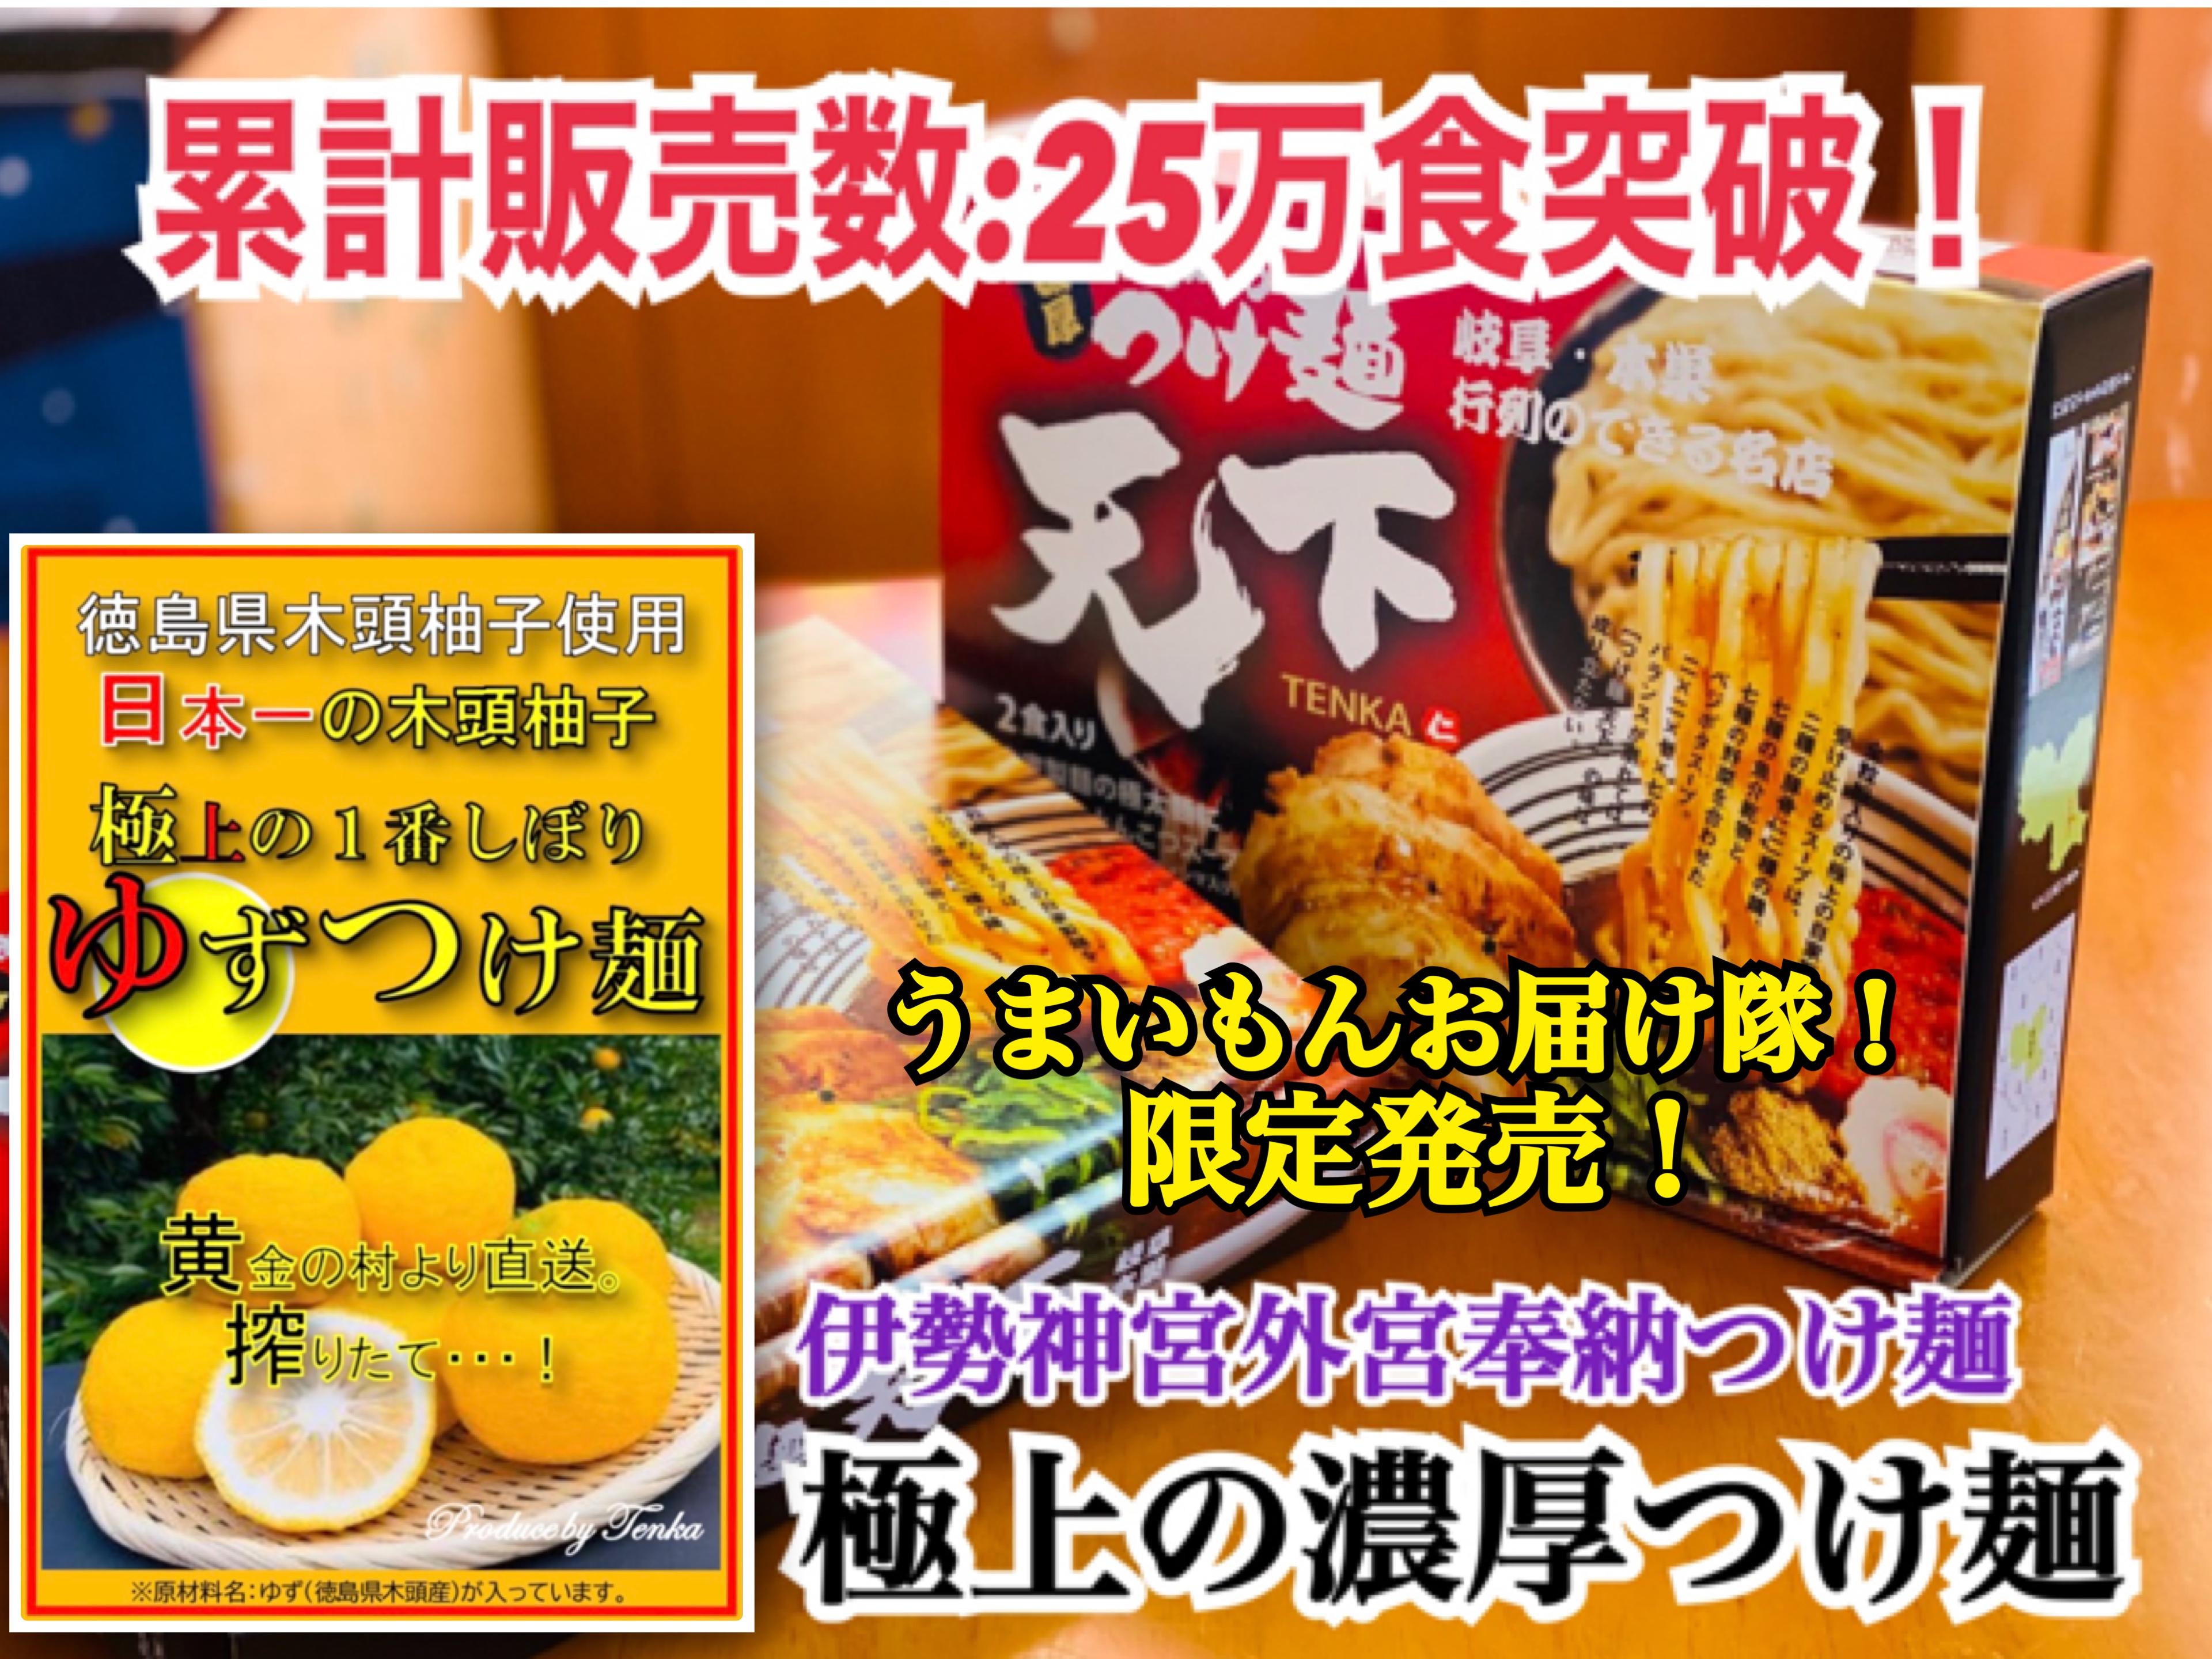 【速報!】あの極上の柚子つけ麺が、いよいよ登場!